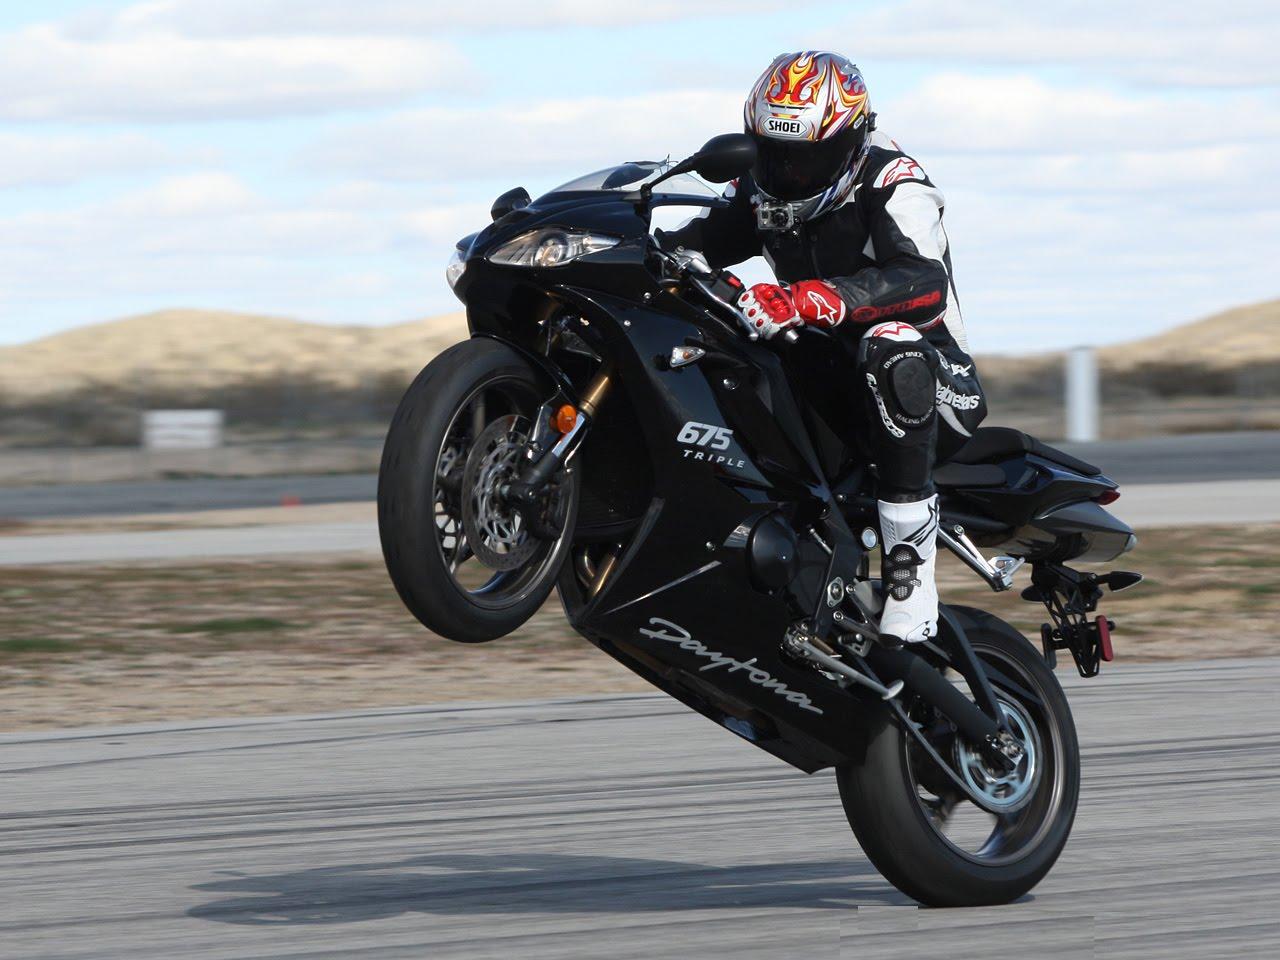 масляные фрагменты фото мотоциклов спортивных в дыбах вашим словам